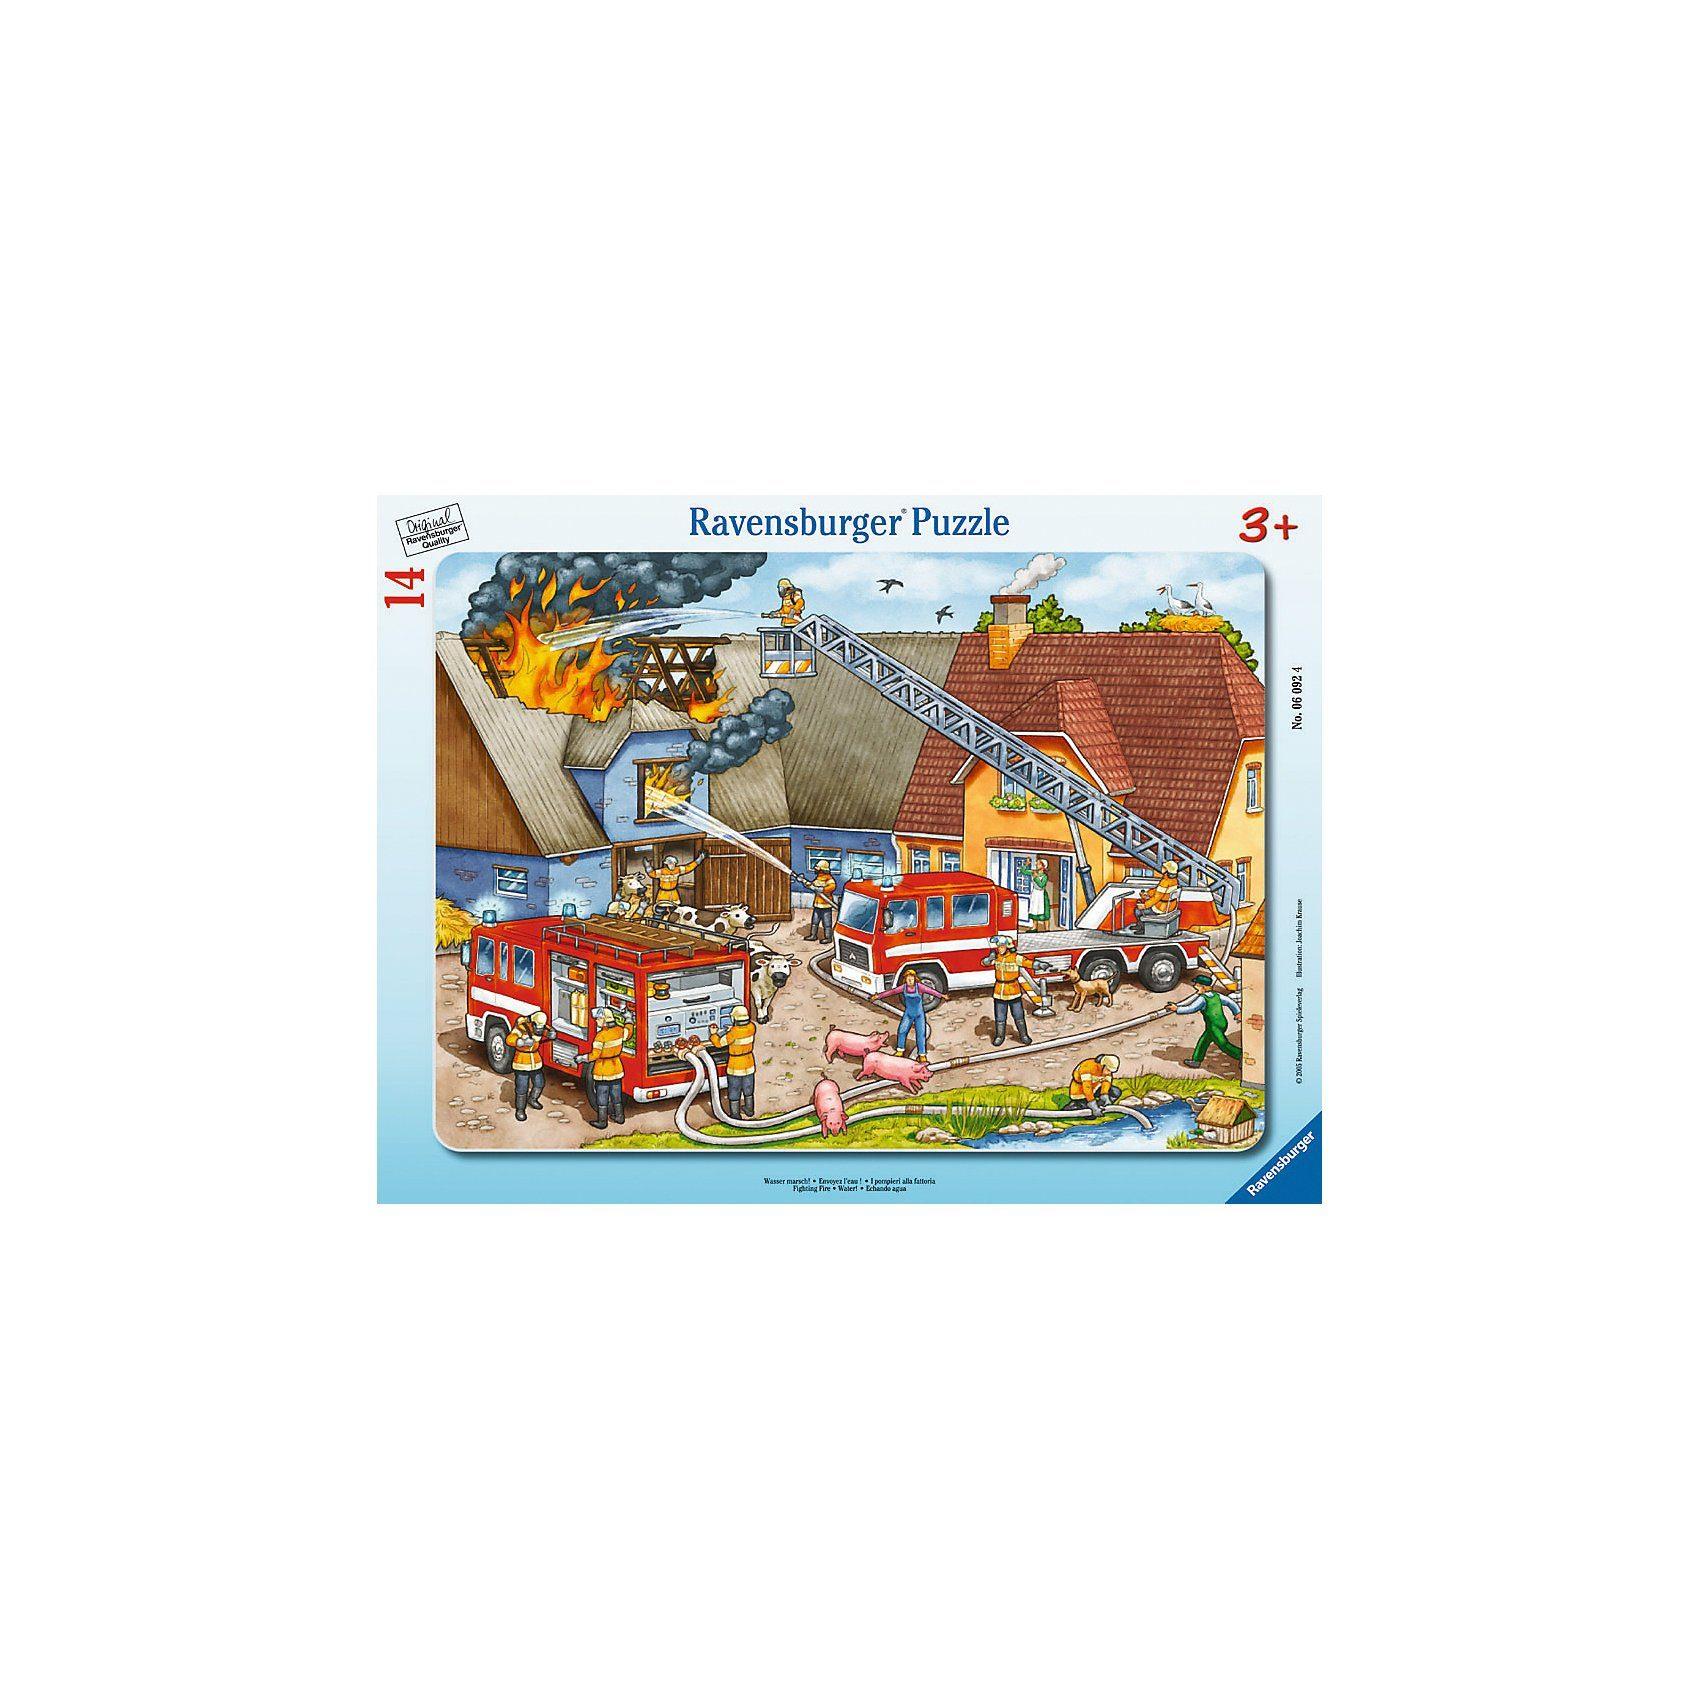 Ravensburger Rahmenpuzzle-14 Teile- Wasser marsch!